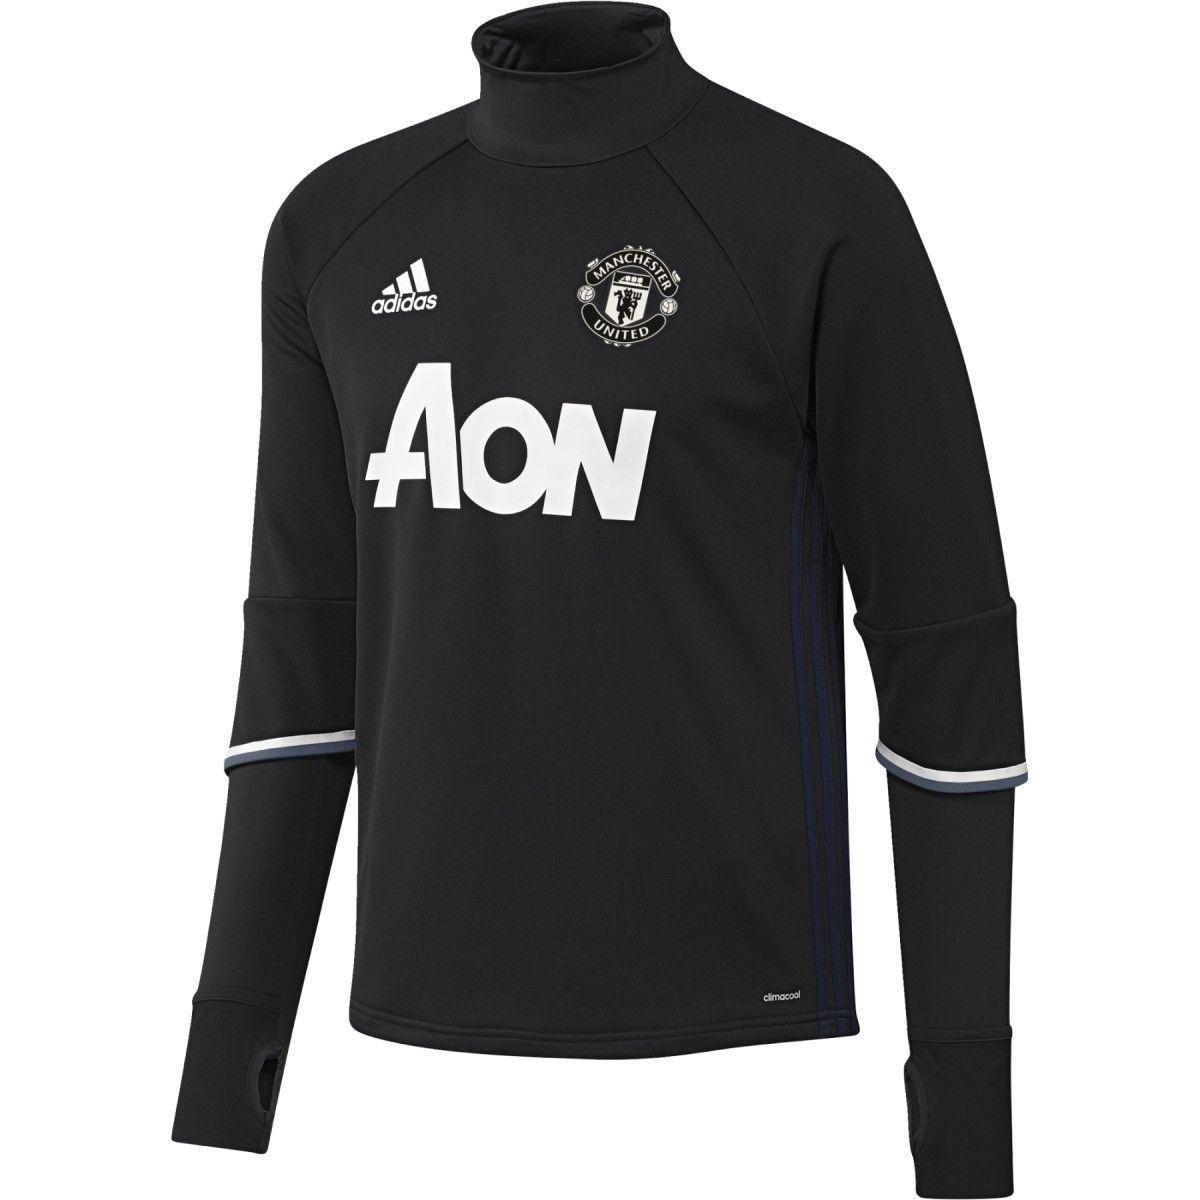 I love coeur Manchester t-shirt toutes les tailles et couleurs